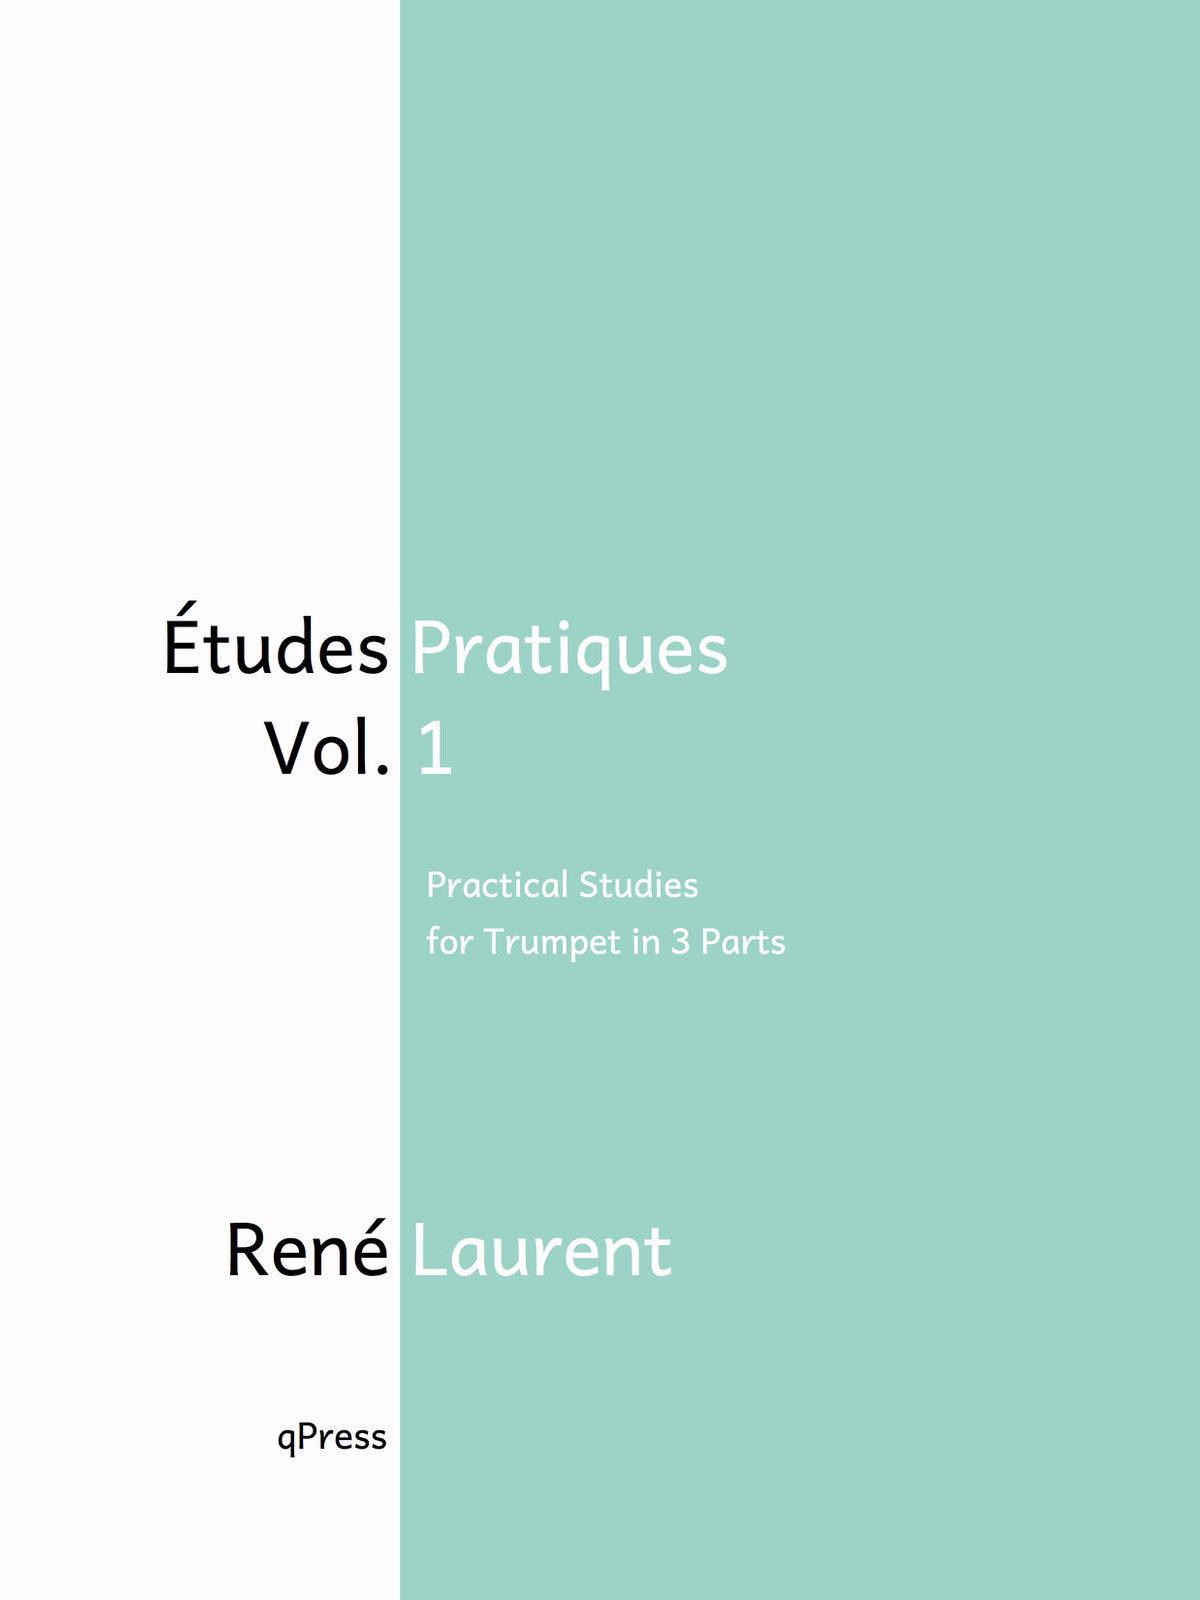 etudes-pratiques-vol-1-cover